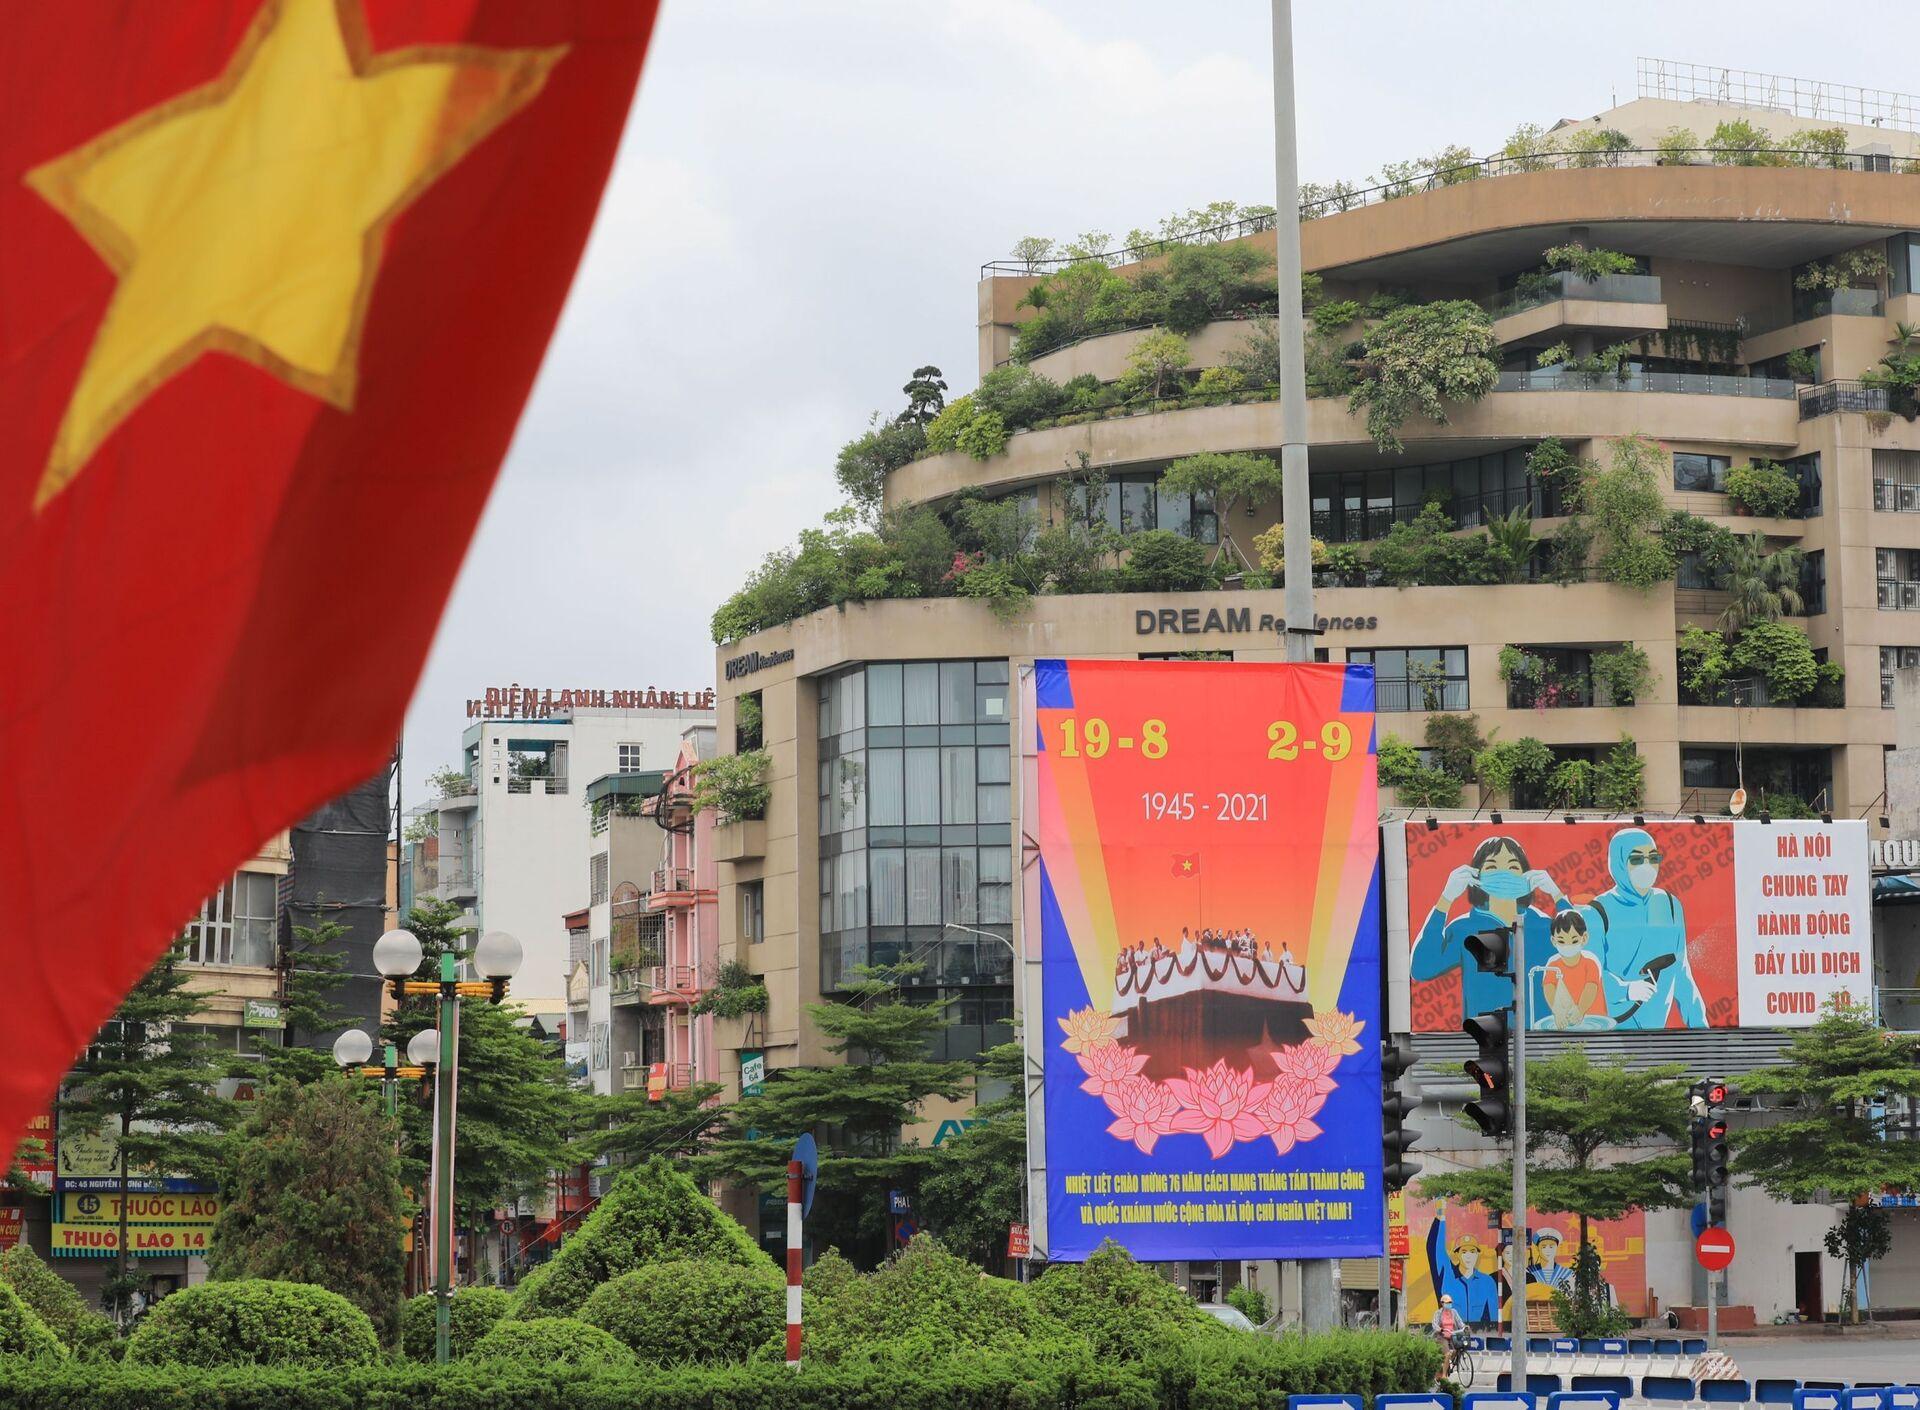 Tranh cổ động nhân lên lòng tự hào dân tộc trong ngày Quốc khánh. - Sputnik Việt Nam, 1920, 05.10.2021